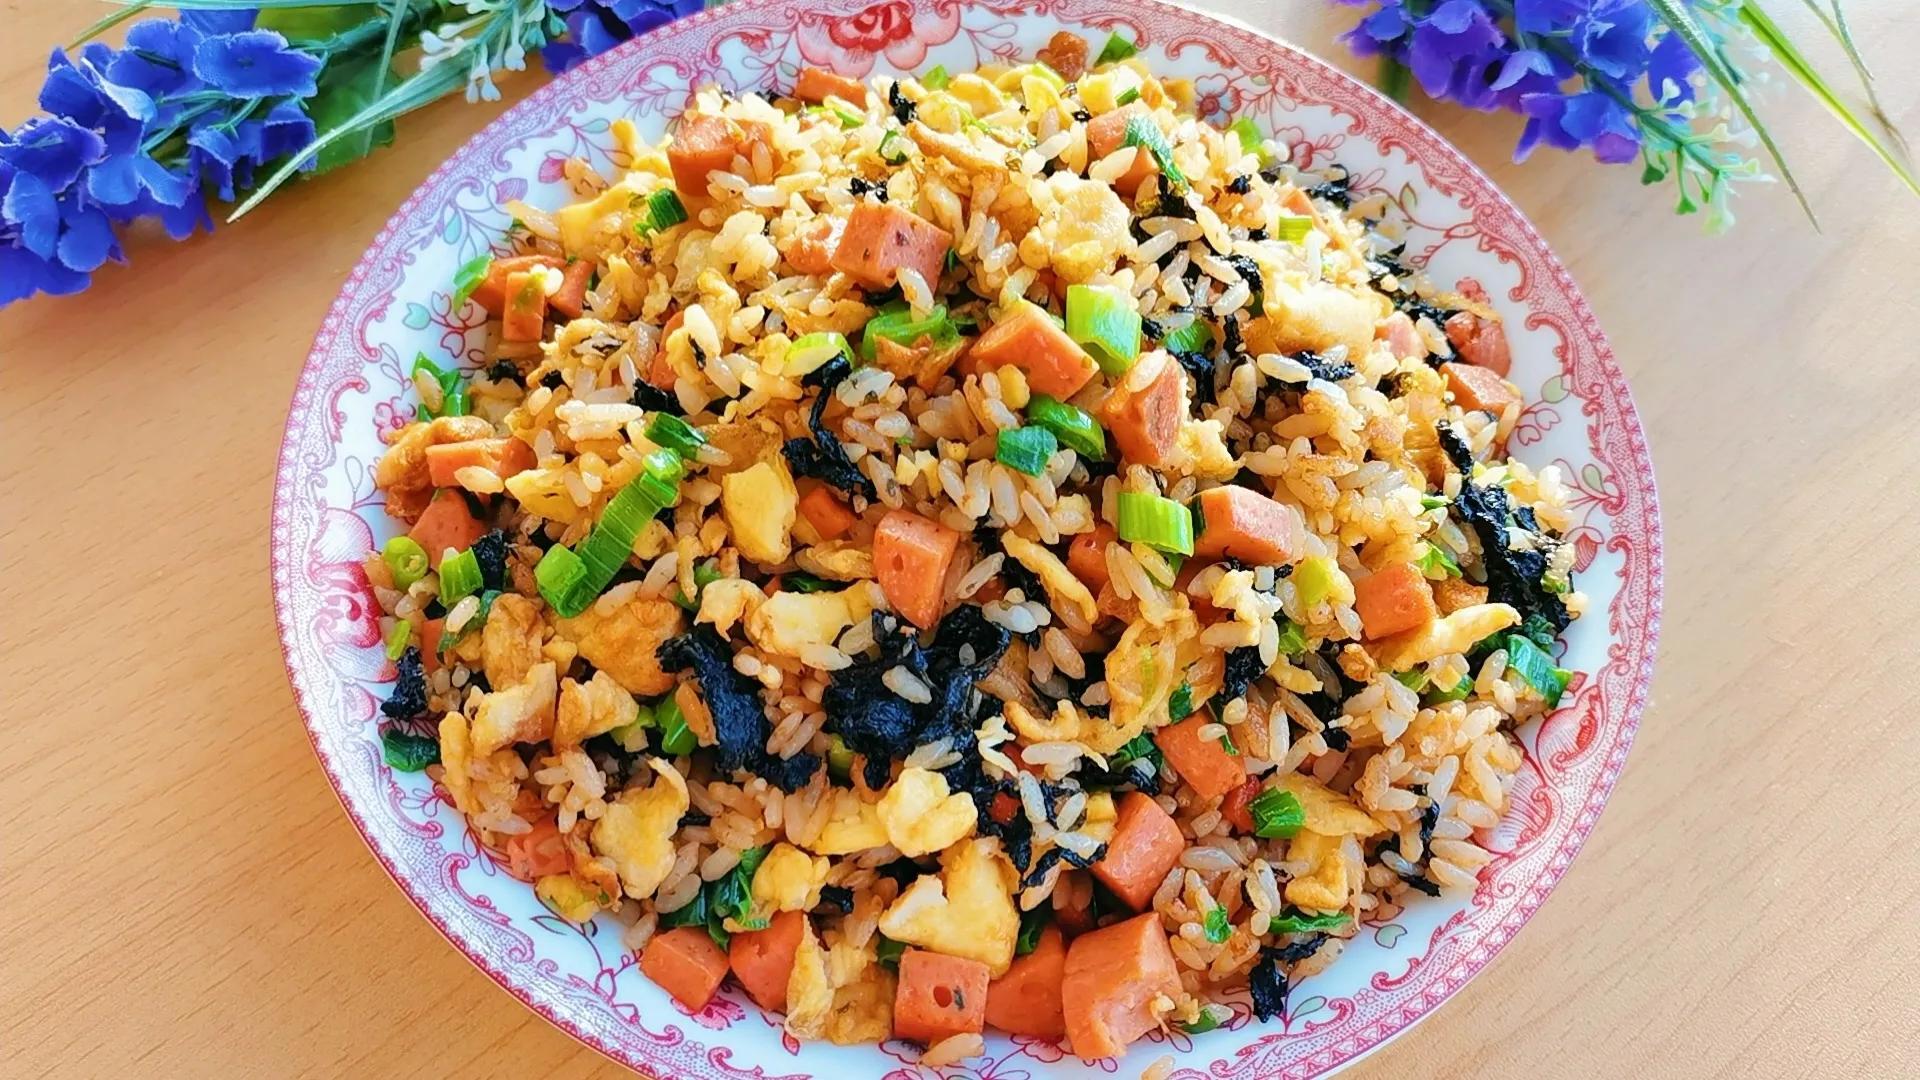 紫菜不要老做汤,试试这样做,好吃又营养,老中幼都爱吃 美食做法 第14张